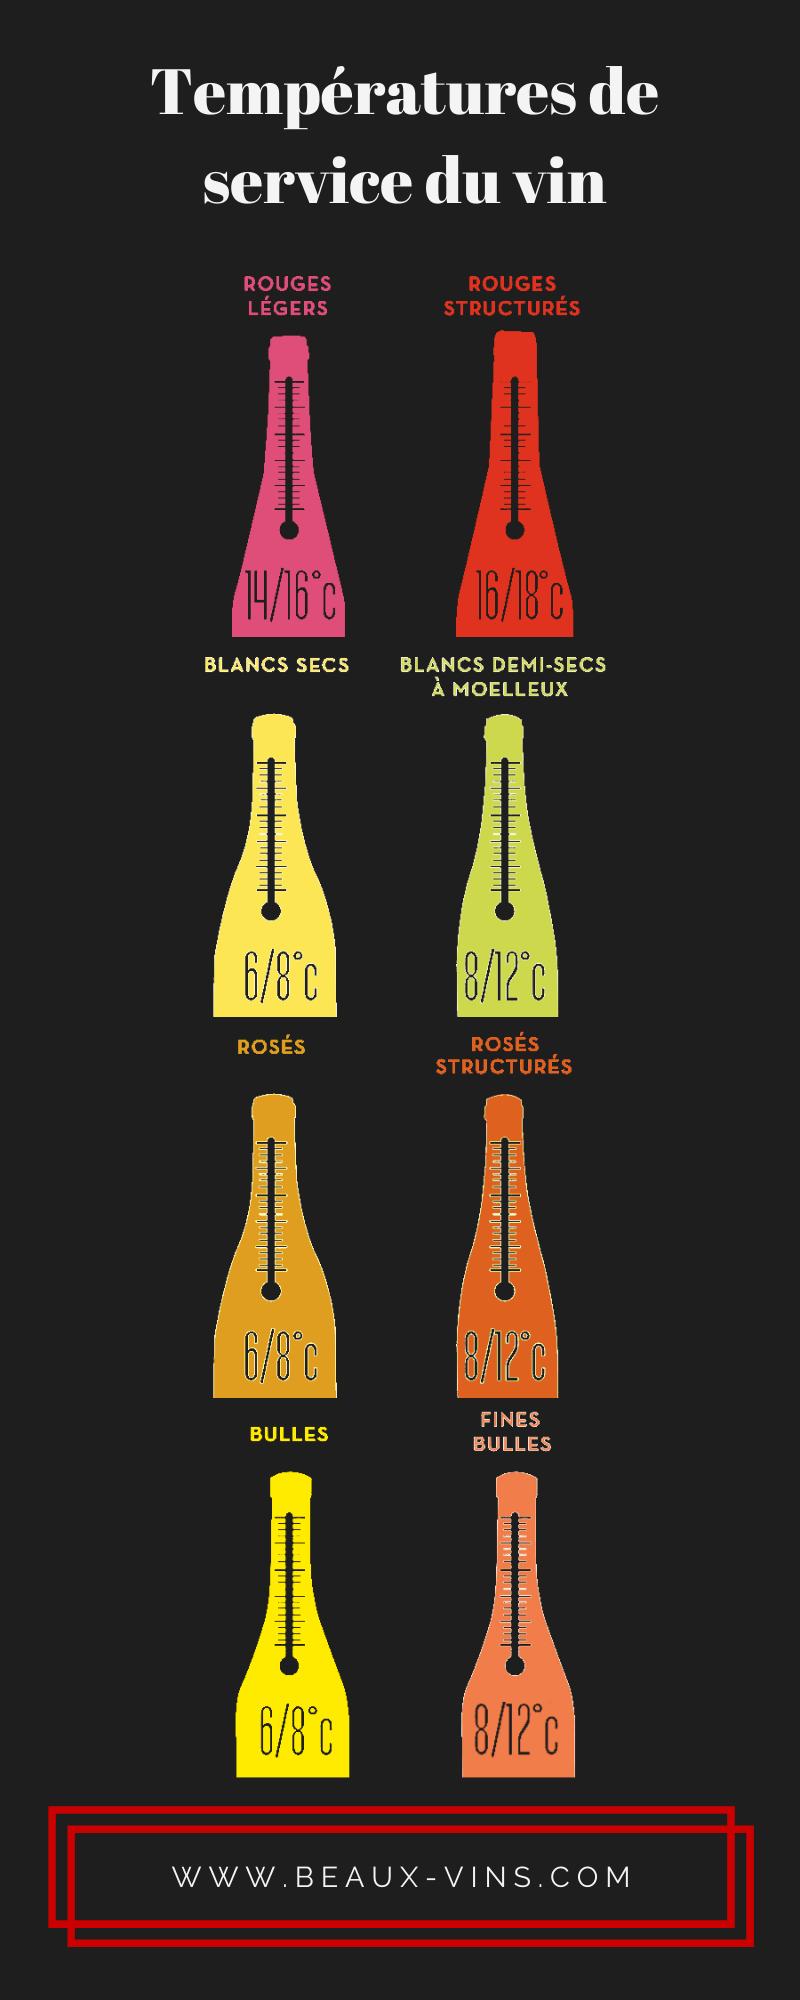 Beaux-Vins températures service vin infographie